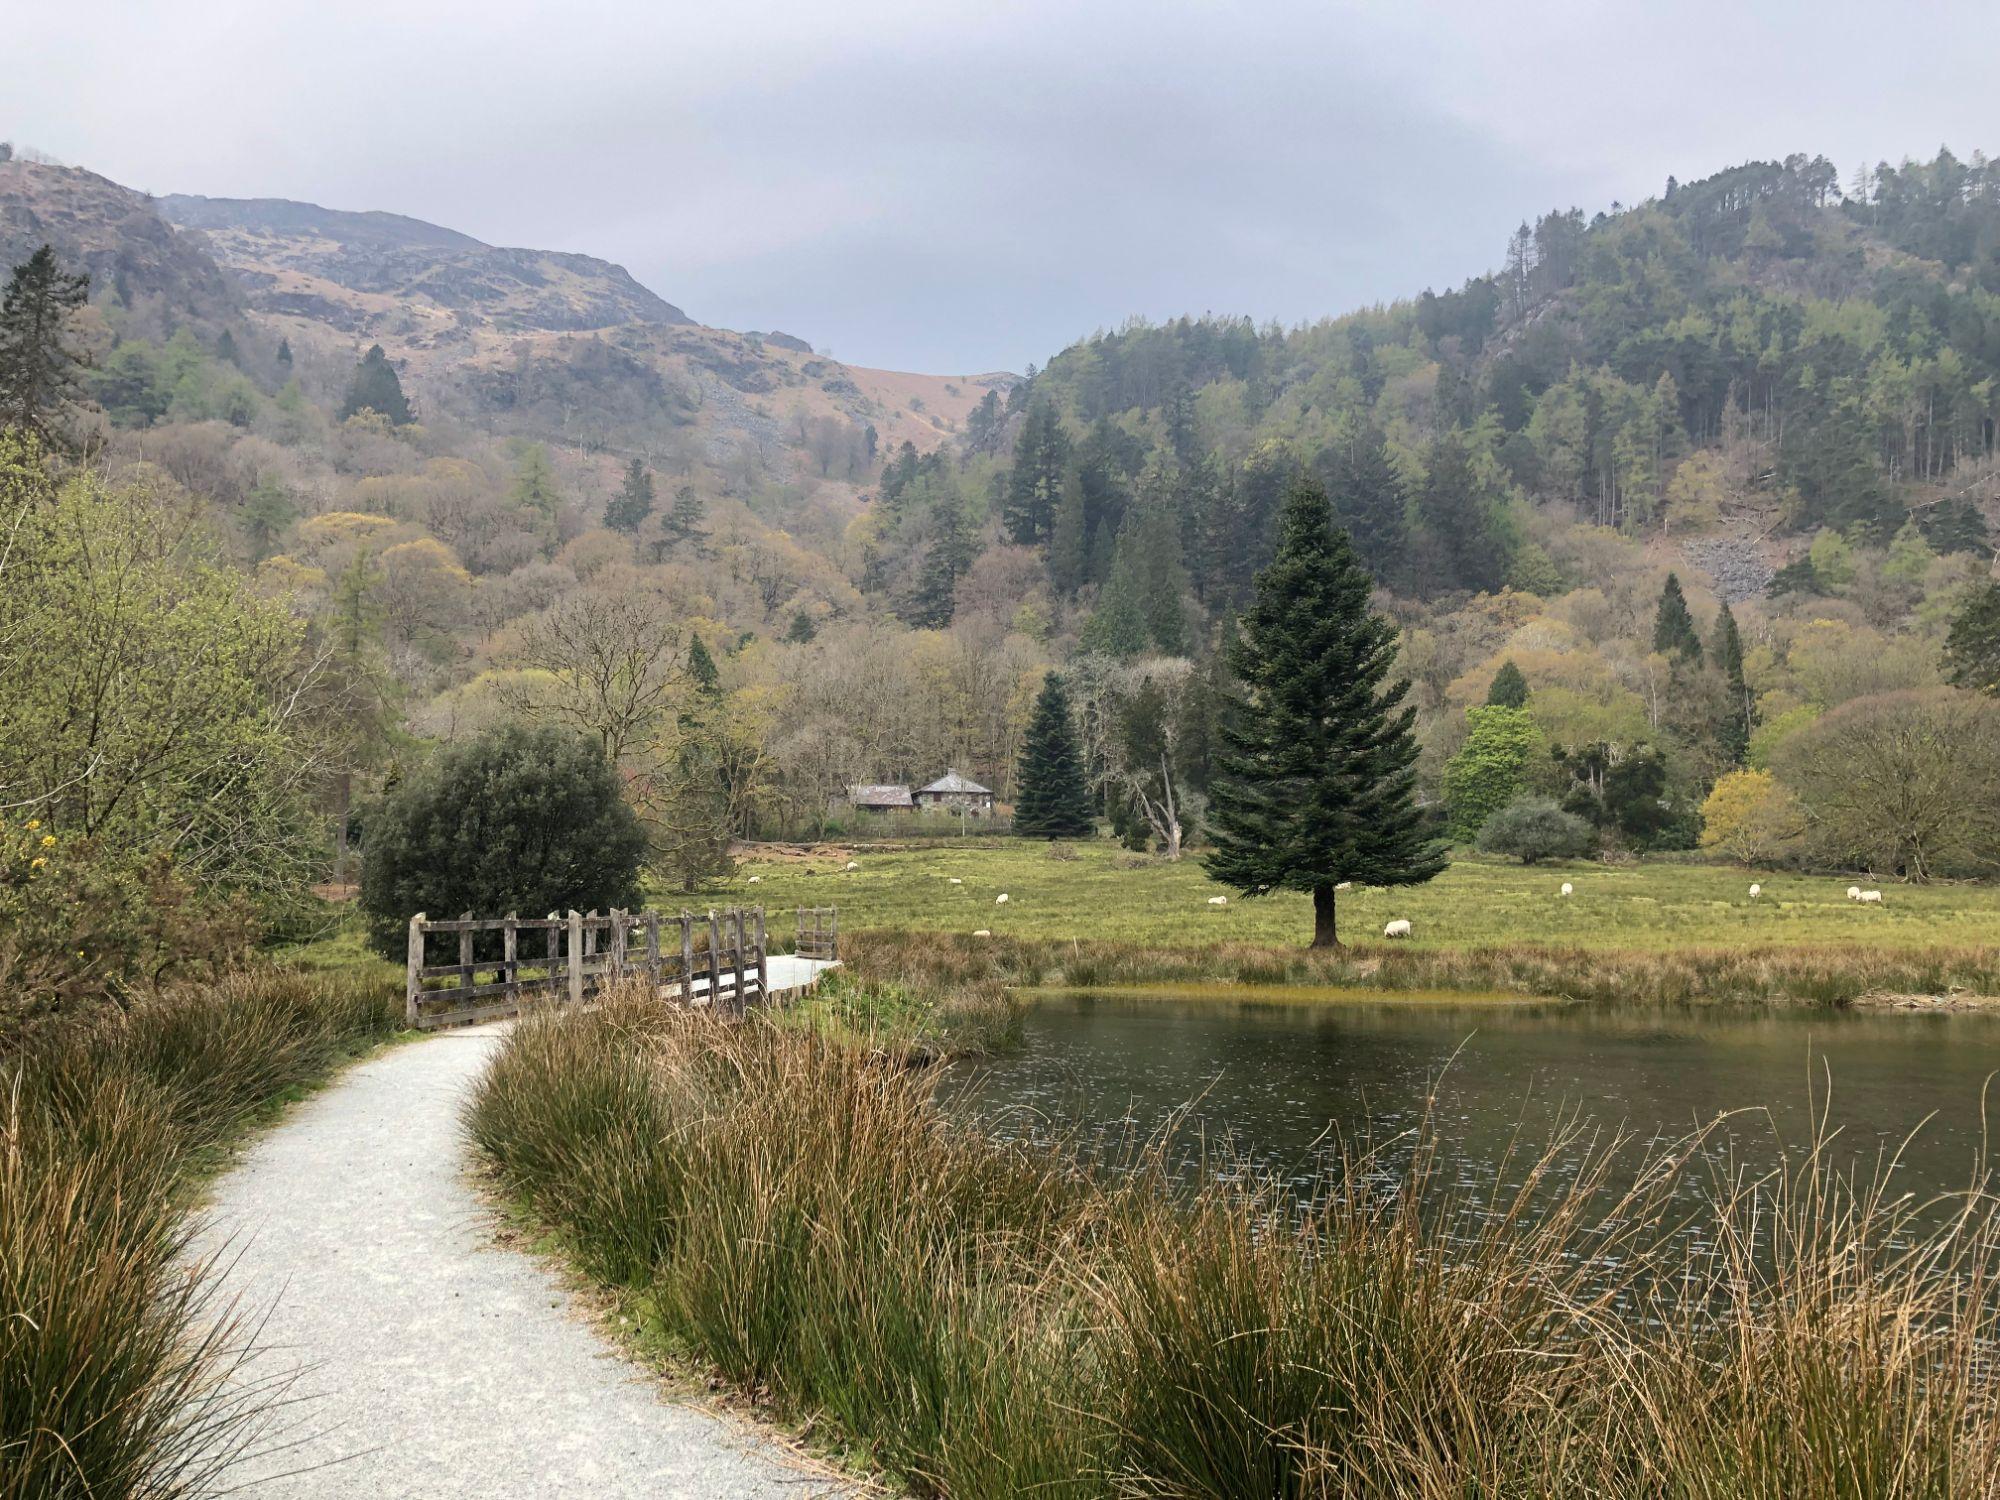 Free stock photo lake mountains trees forest Snowdonia